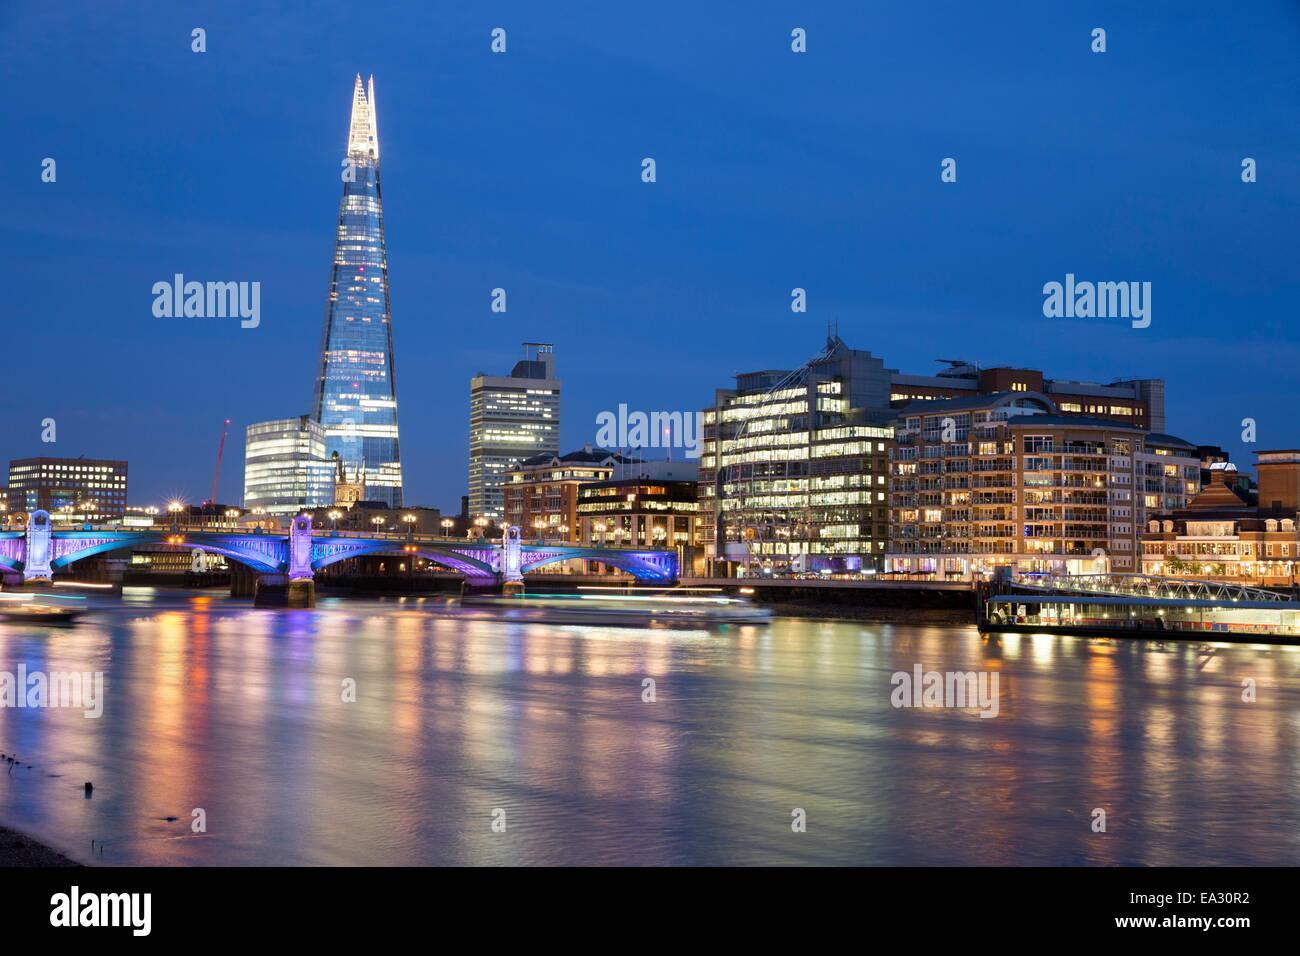 Vista sul Fiume Tamigi con la Shard, London, England, Regno Unito, Europa Immagini Stock